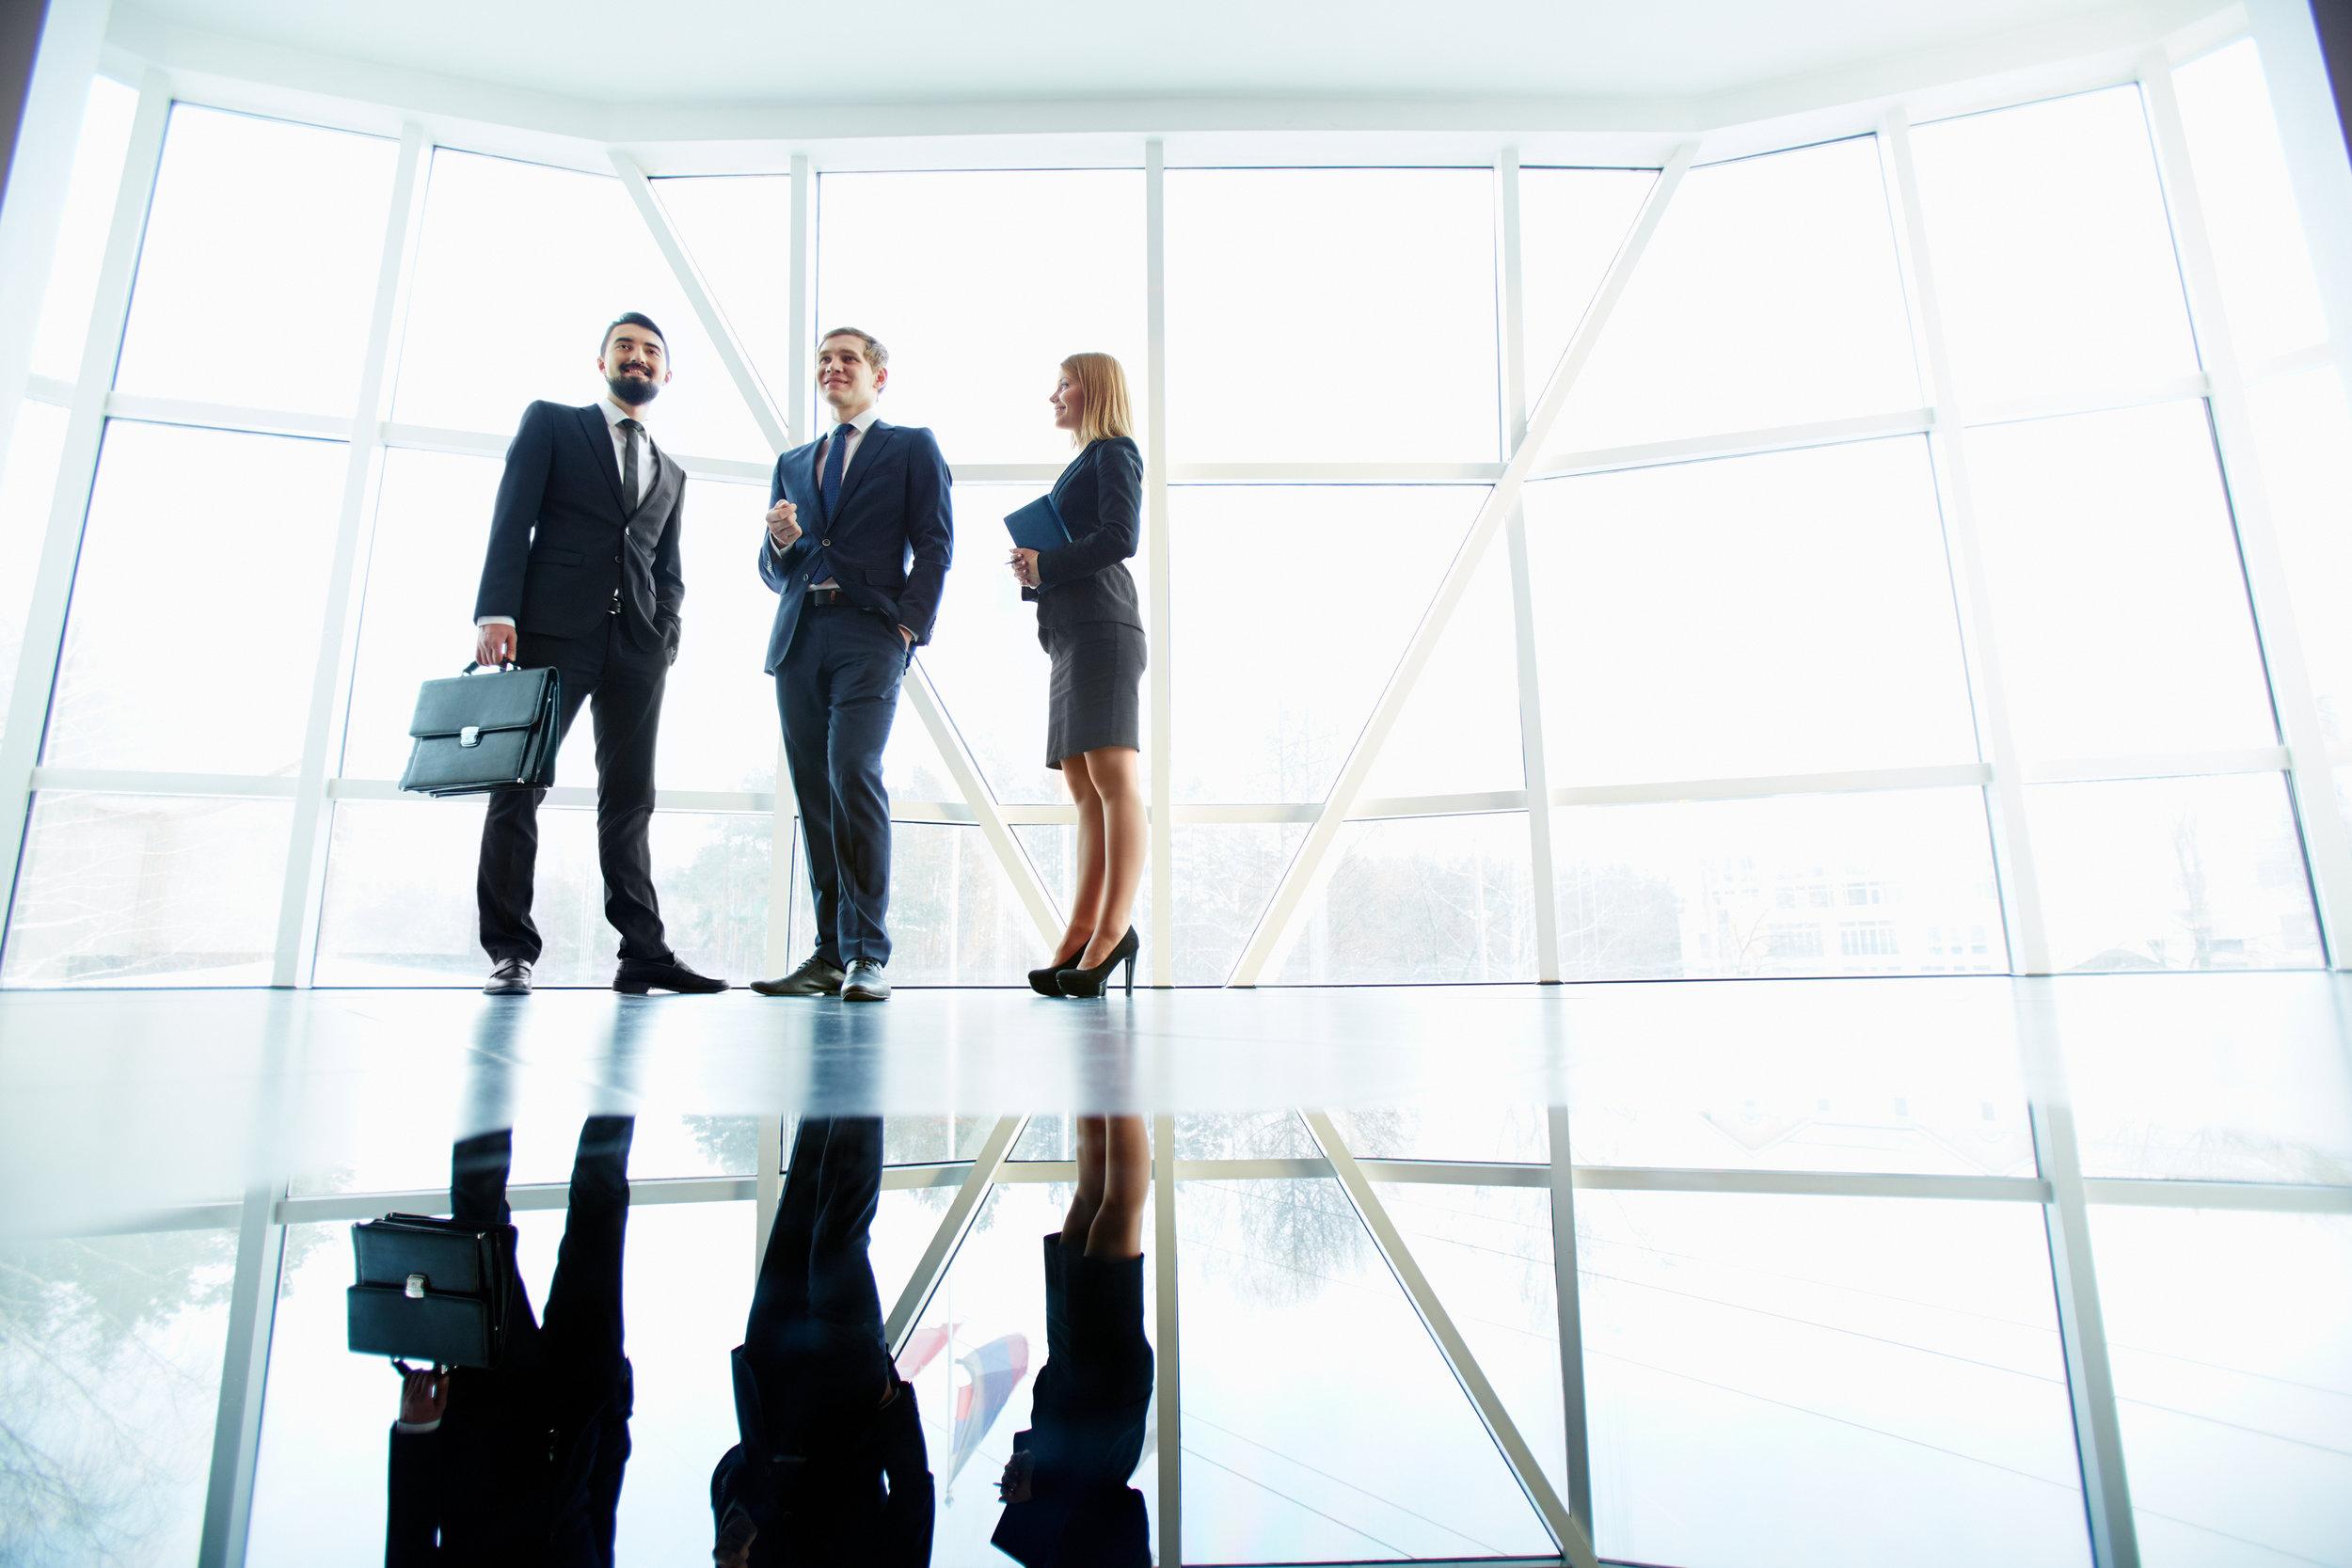 office-workers1.jpg